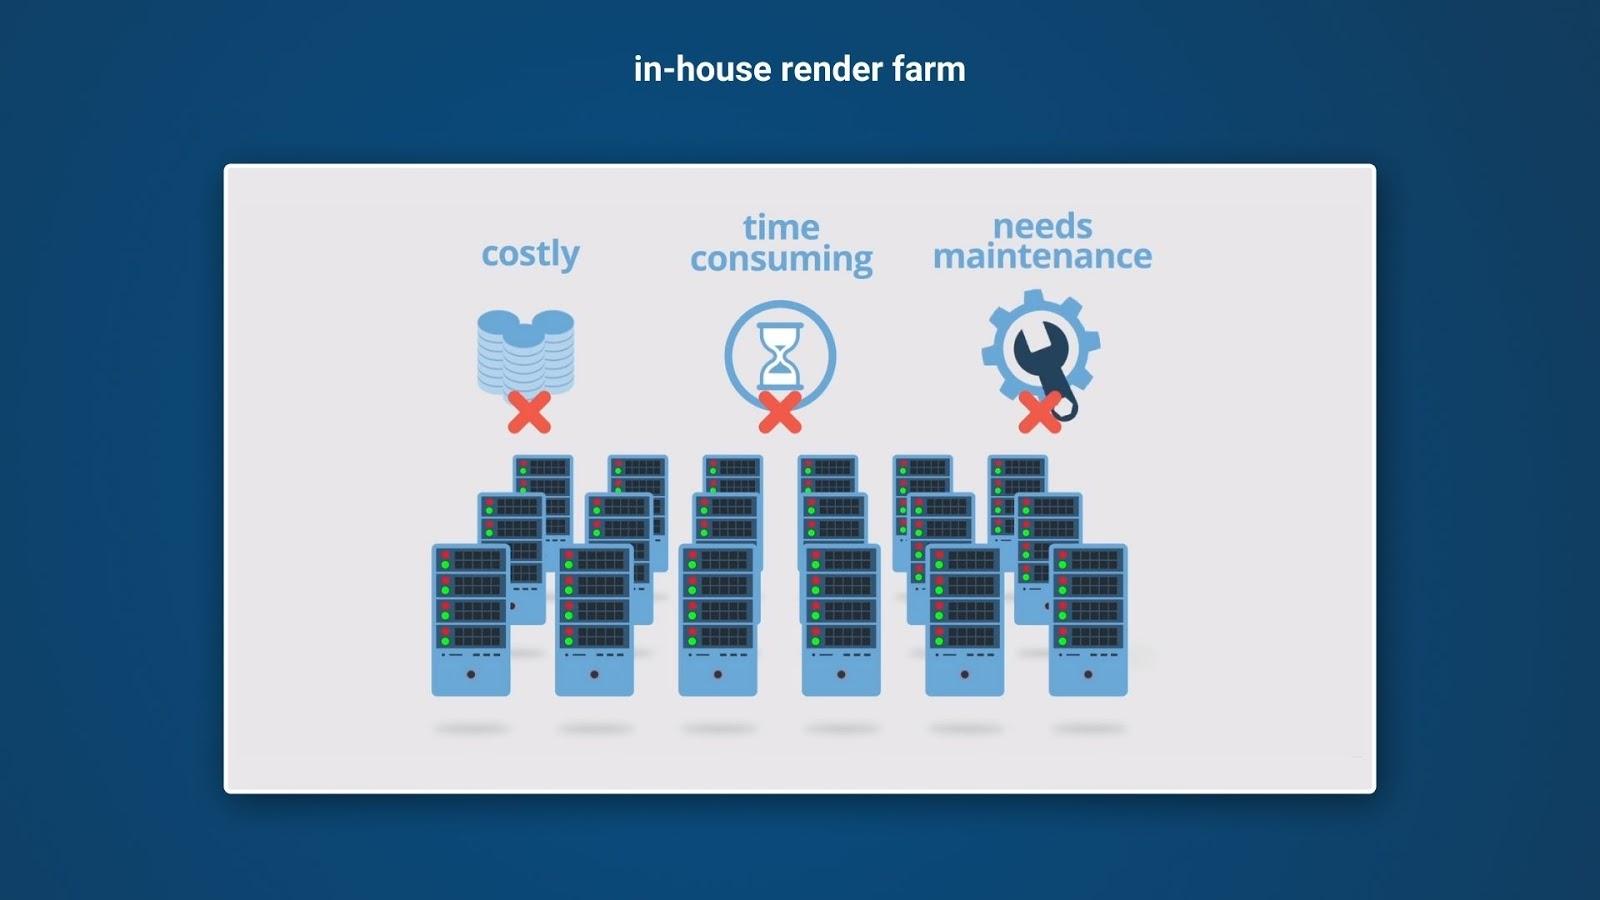 in-house render farm